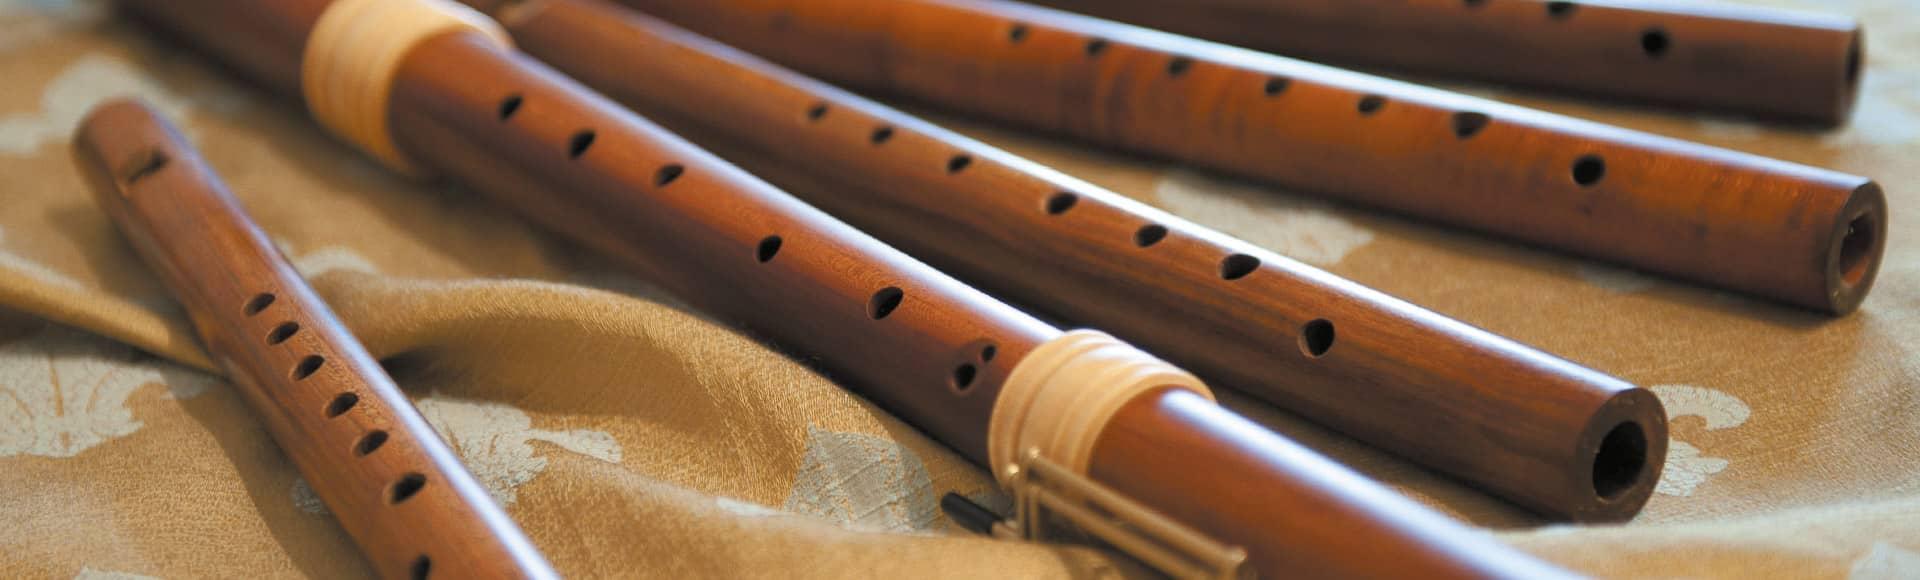 Herzlich willkommen bei Löbner Blockflöten, Noten und Zubehör für Blockflöten in Bremen